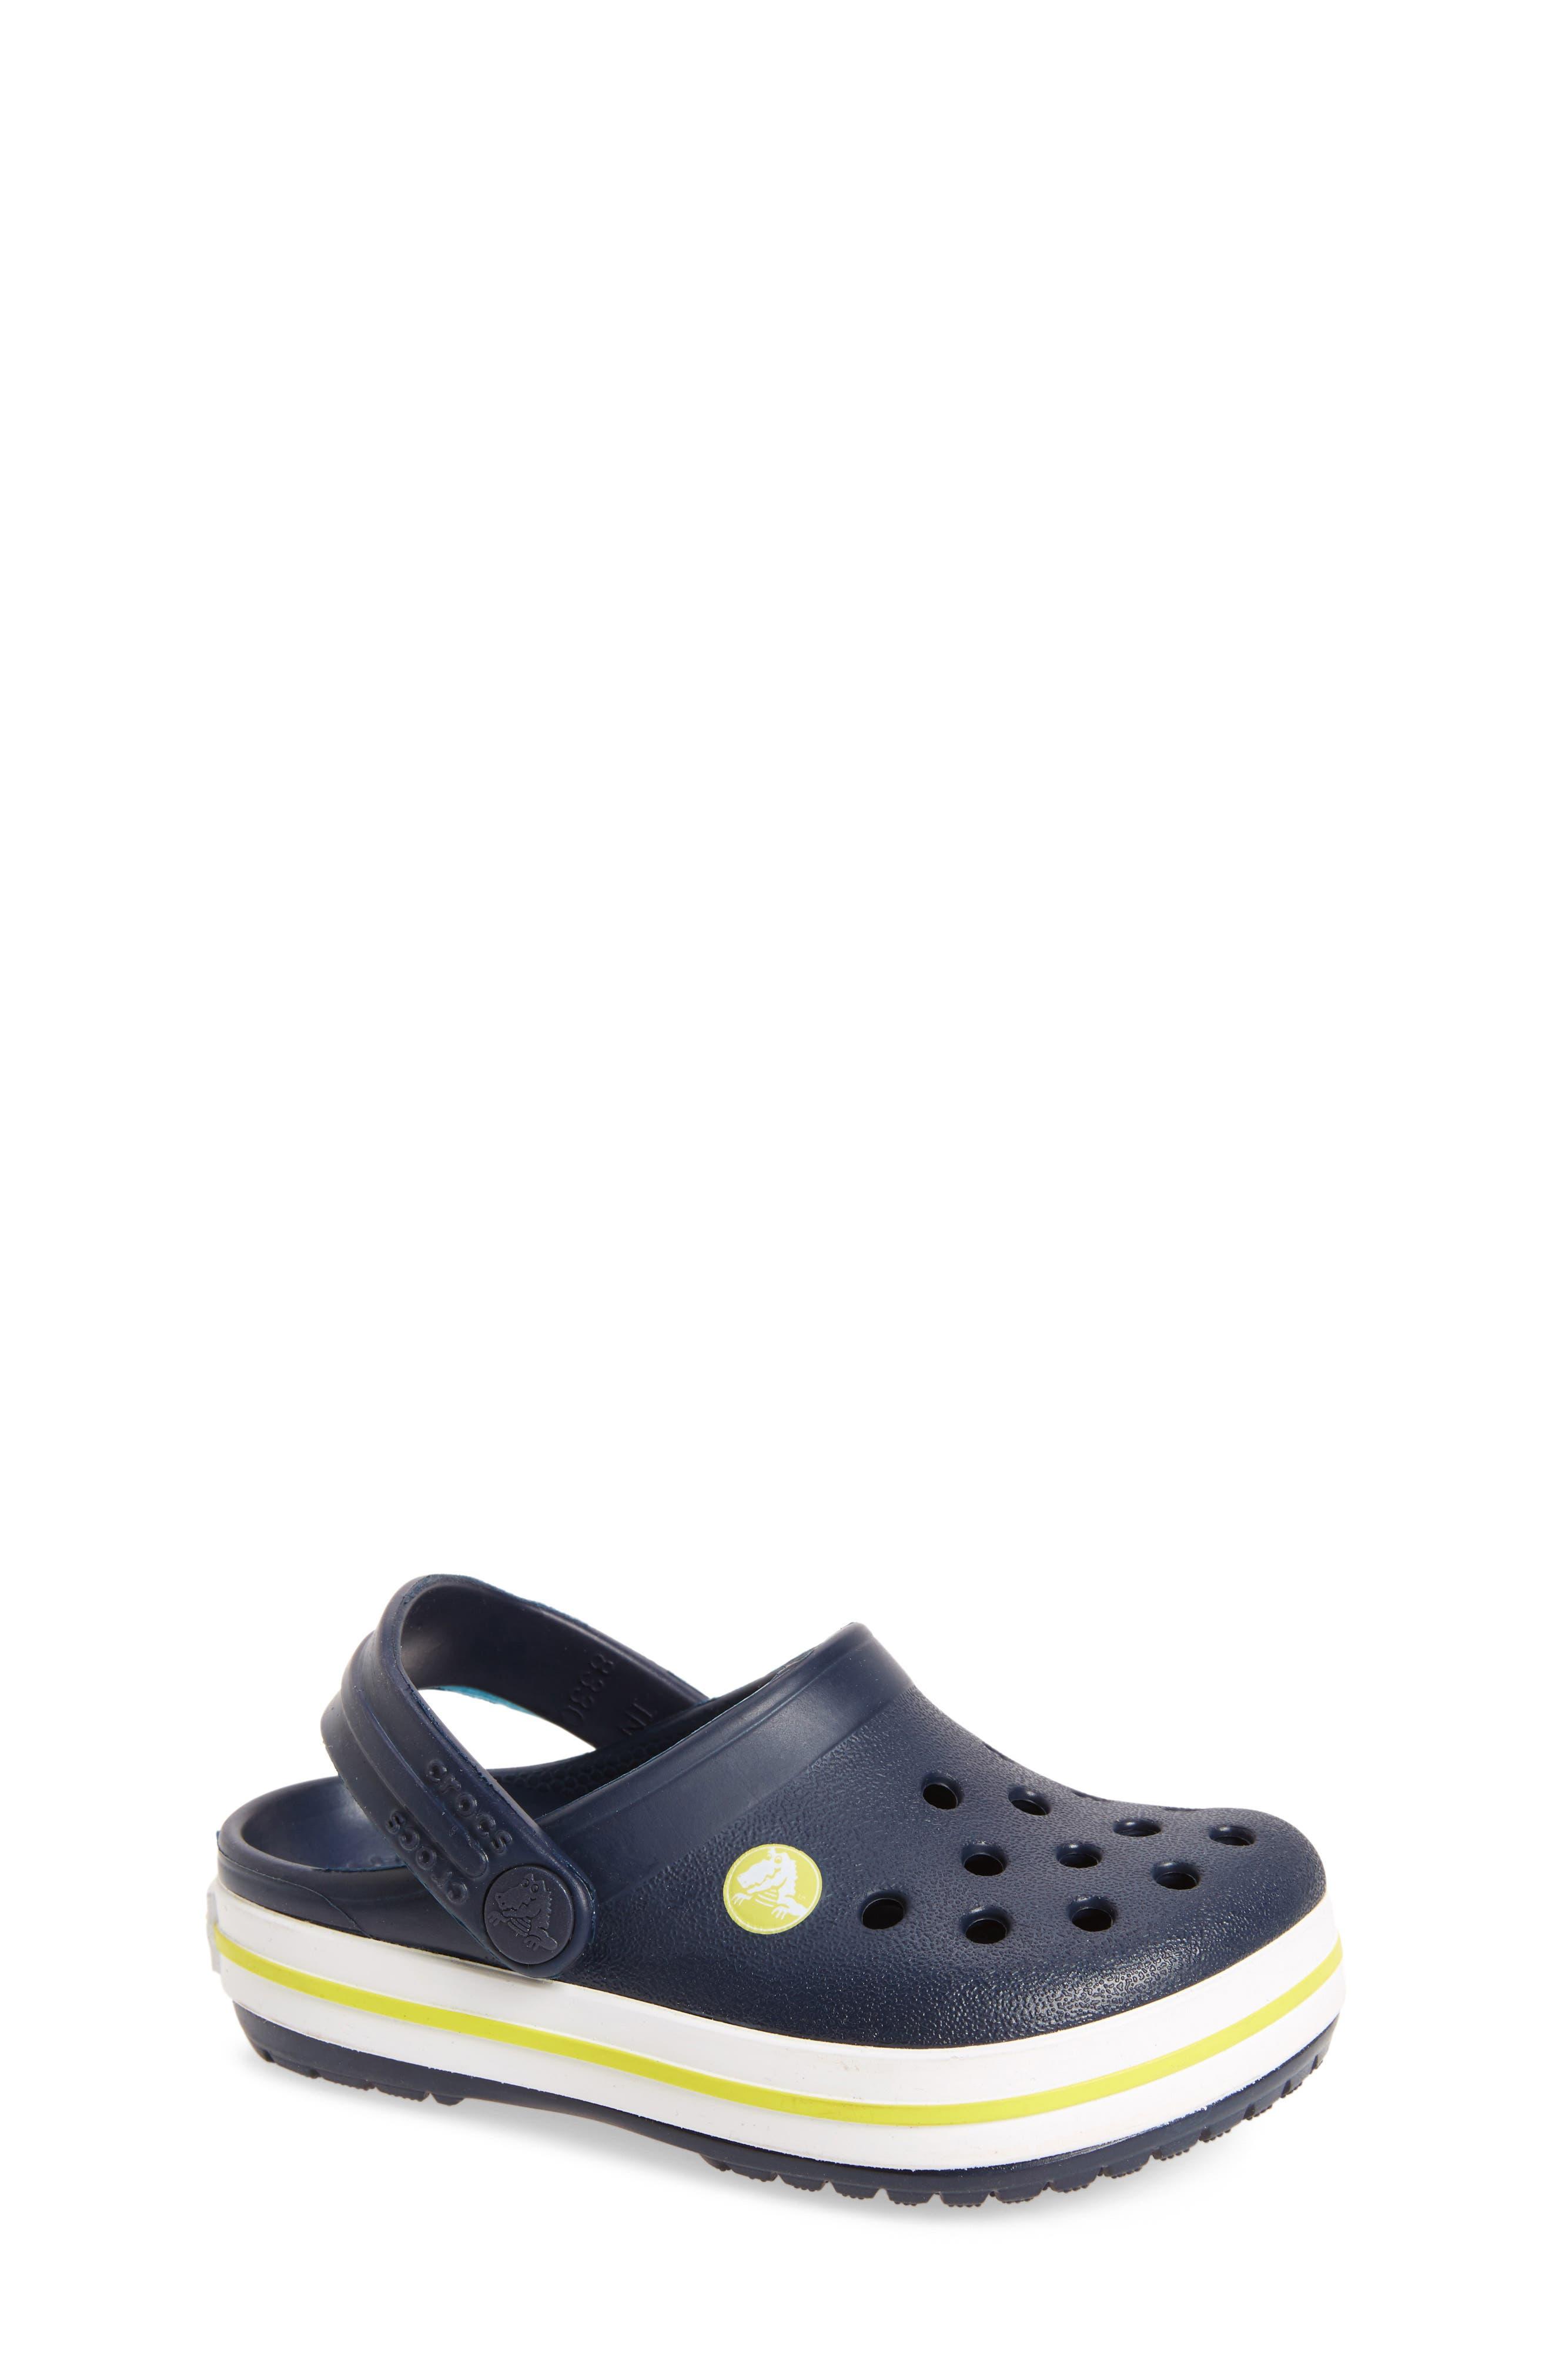 Toddler Crocs(TM) Crocband Clog Size 2 M  Blue